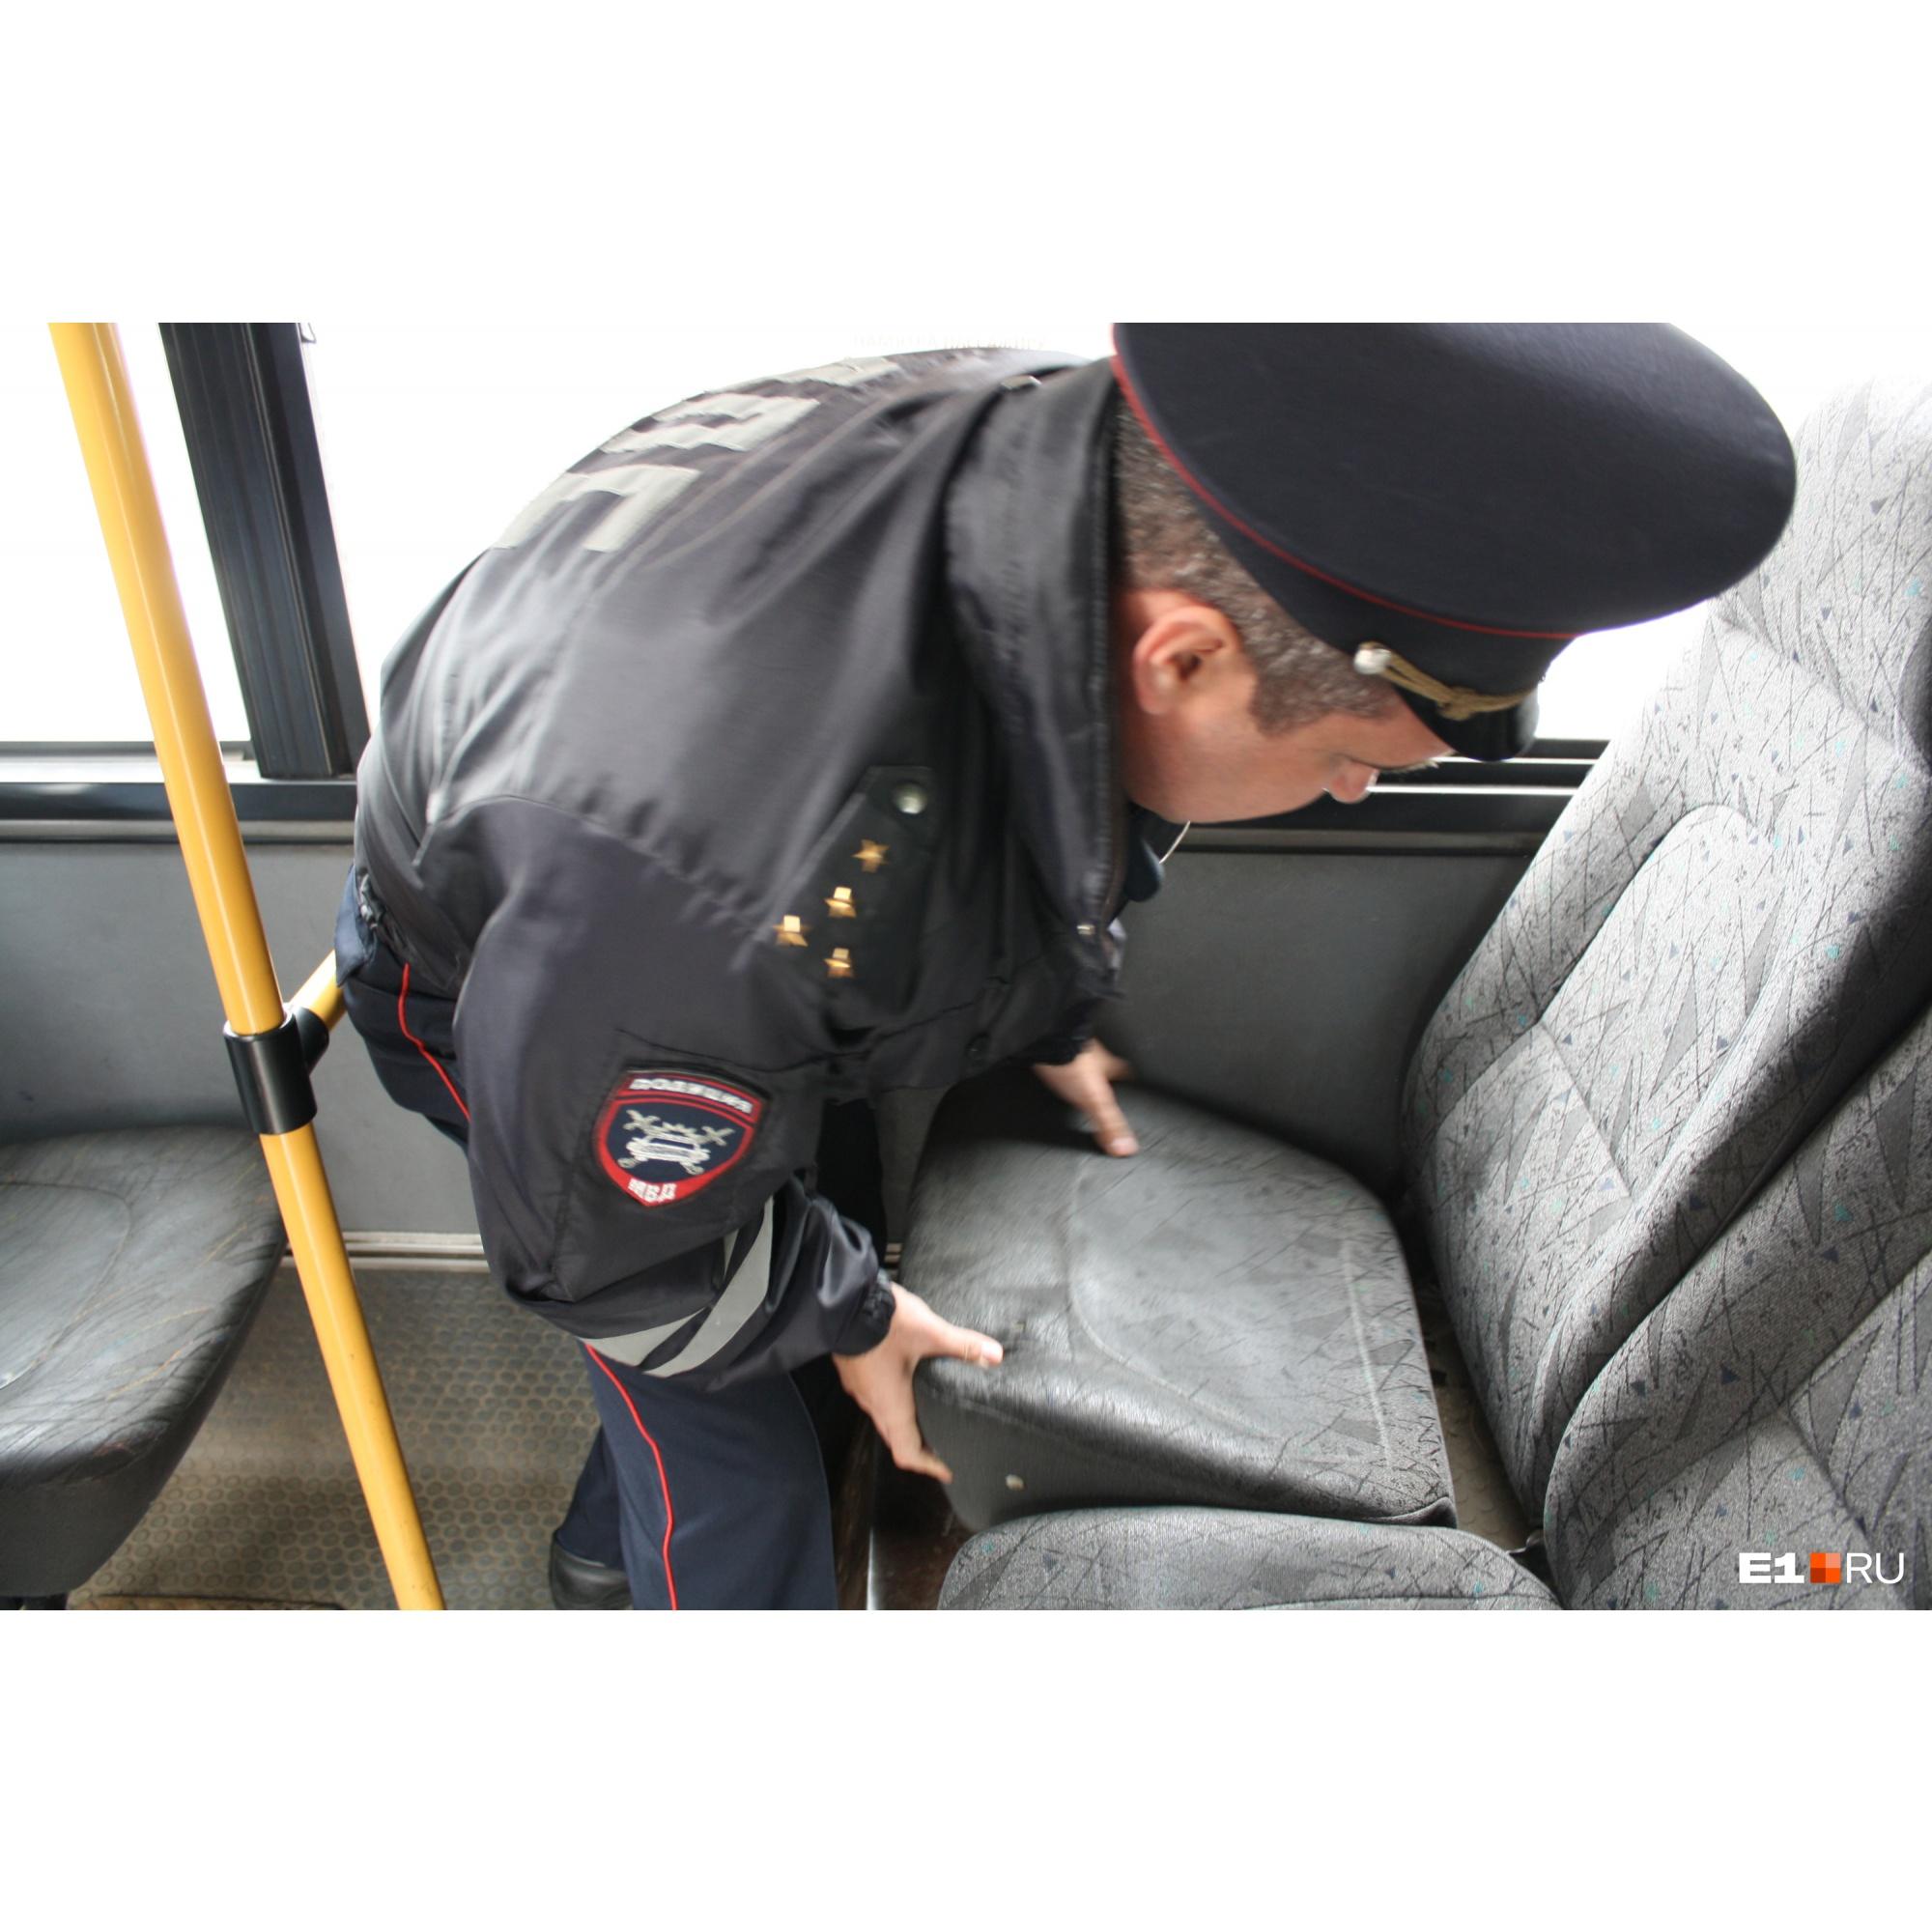 Когда полицейский решил проверить сиденья, с удивлением обнаружил, что они не привинчены